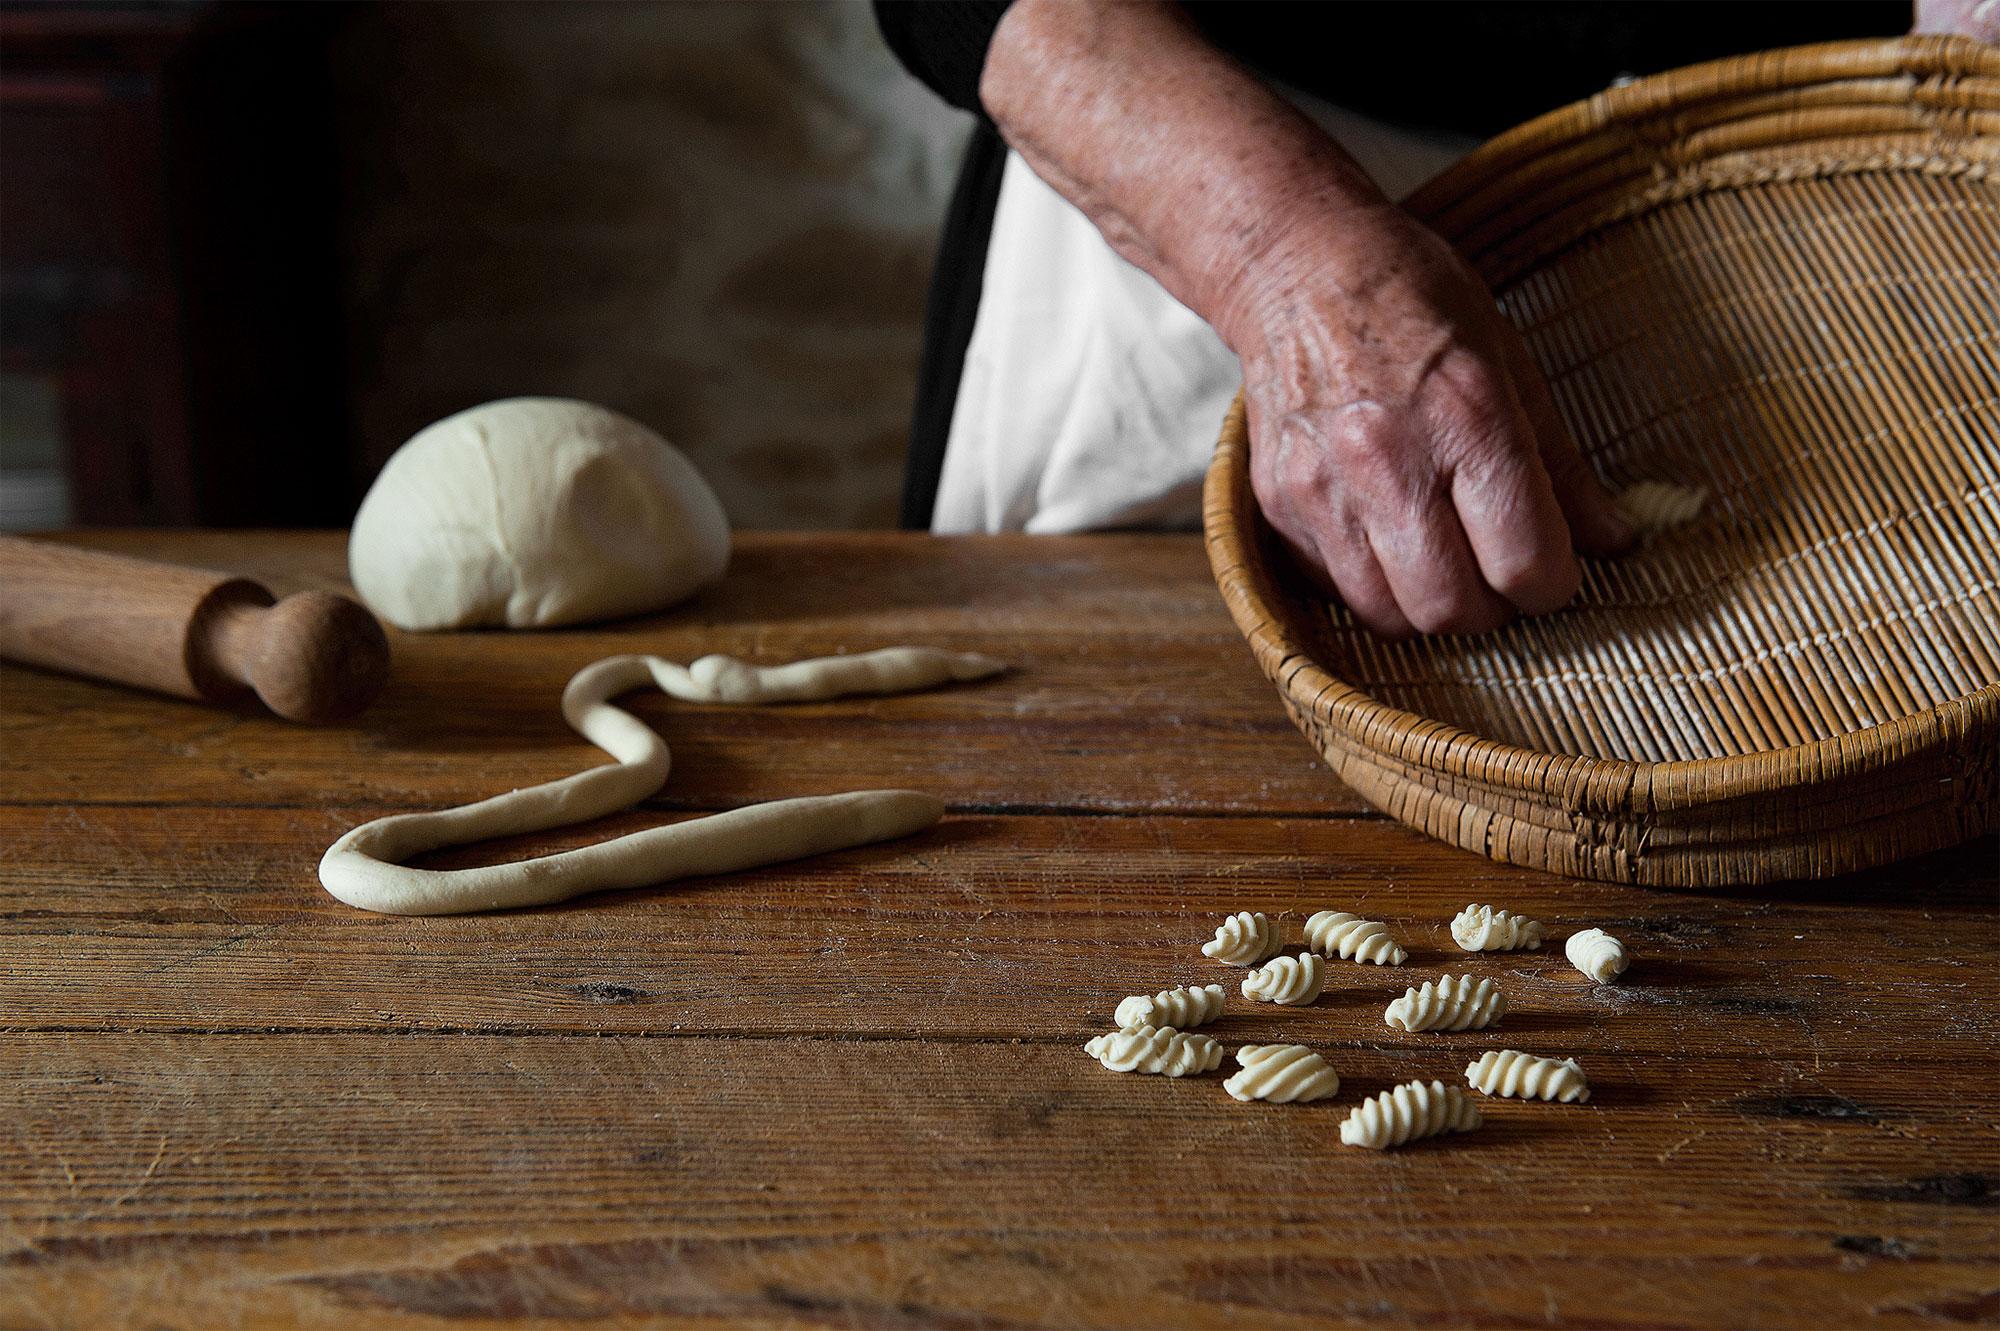 Die Ernährung spielt eine wichtige Rolle beim geheimen Zutatenmix für ein langes Leben